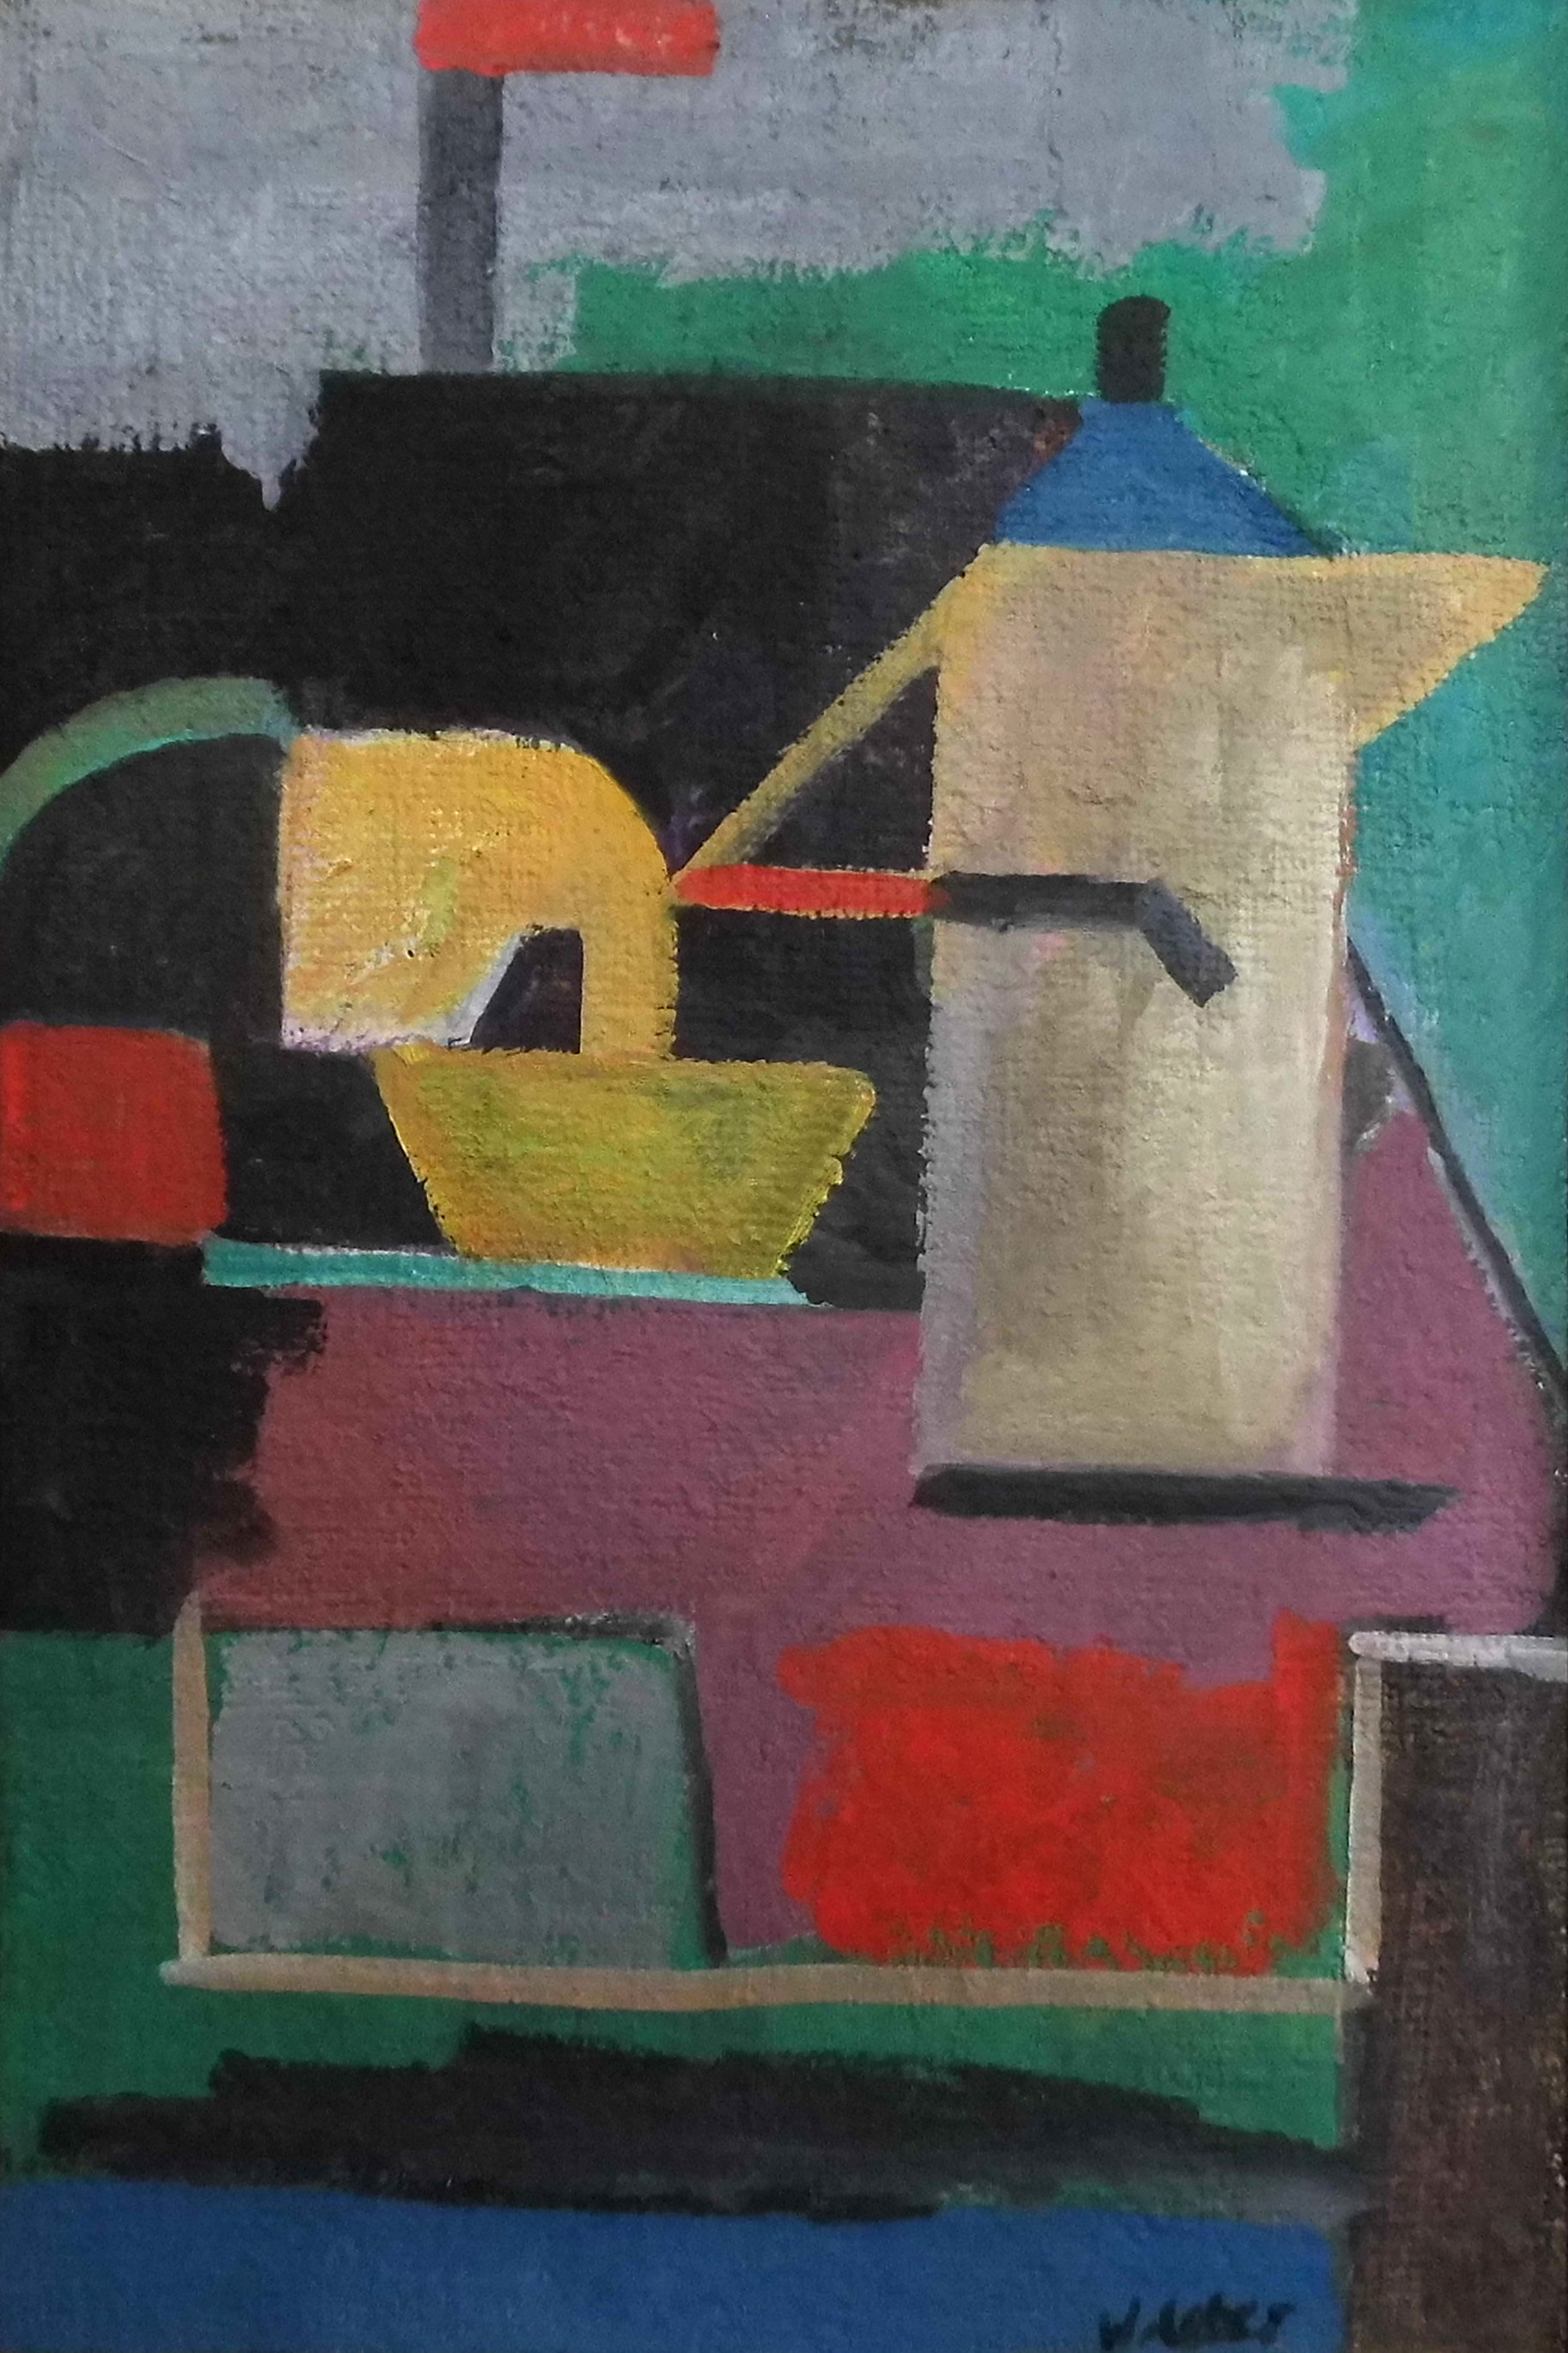 15-wolfgang_leber-kubistisches_fruehstueck-1994-oel_auf_leinwand-45x30